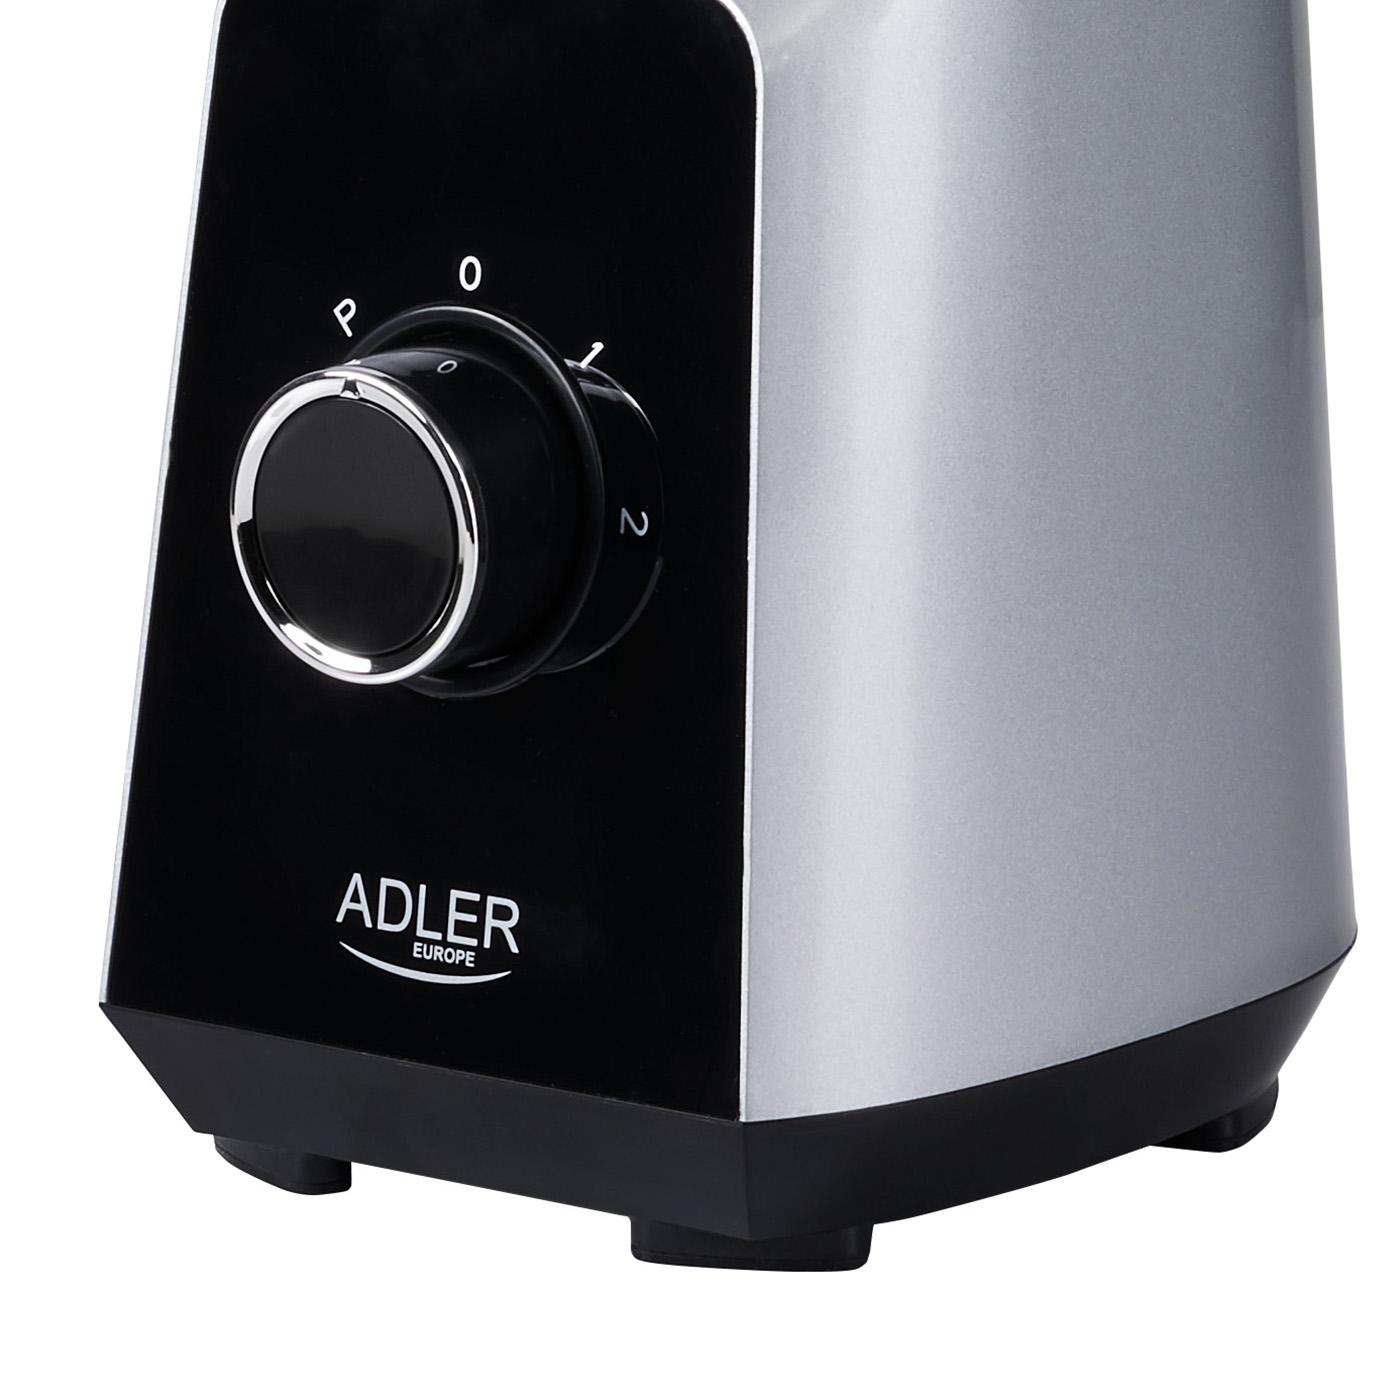 Adler AD-4076 Batidora Americana de Vaso cristal 1,5 litros, 2 velocidades, cuchillas acero inoxidable, 1000W